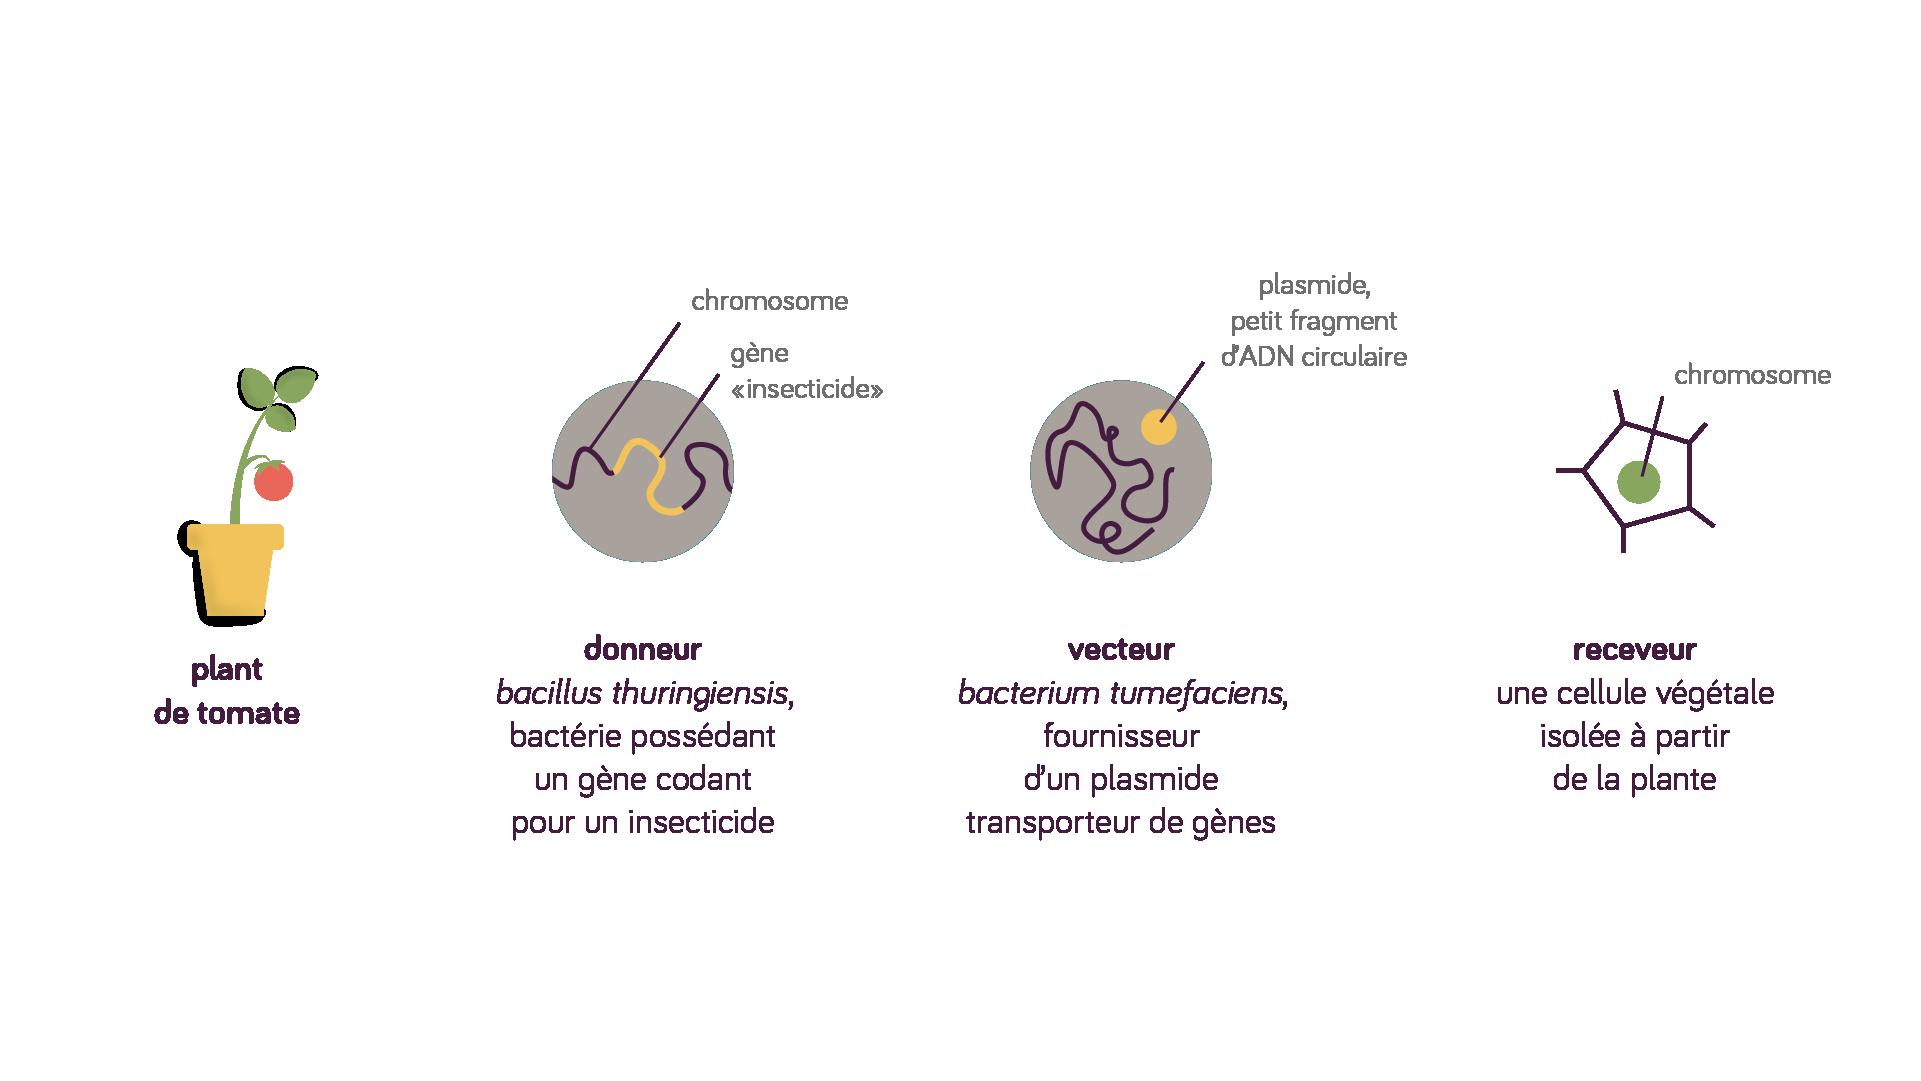 Transgénèse, donneur, gène insecticide, vecteur, plasmide, receveur, cellule végétale